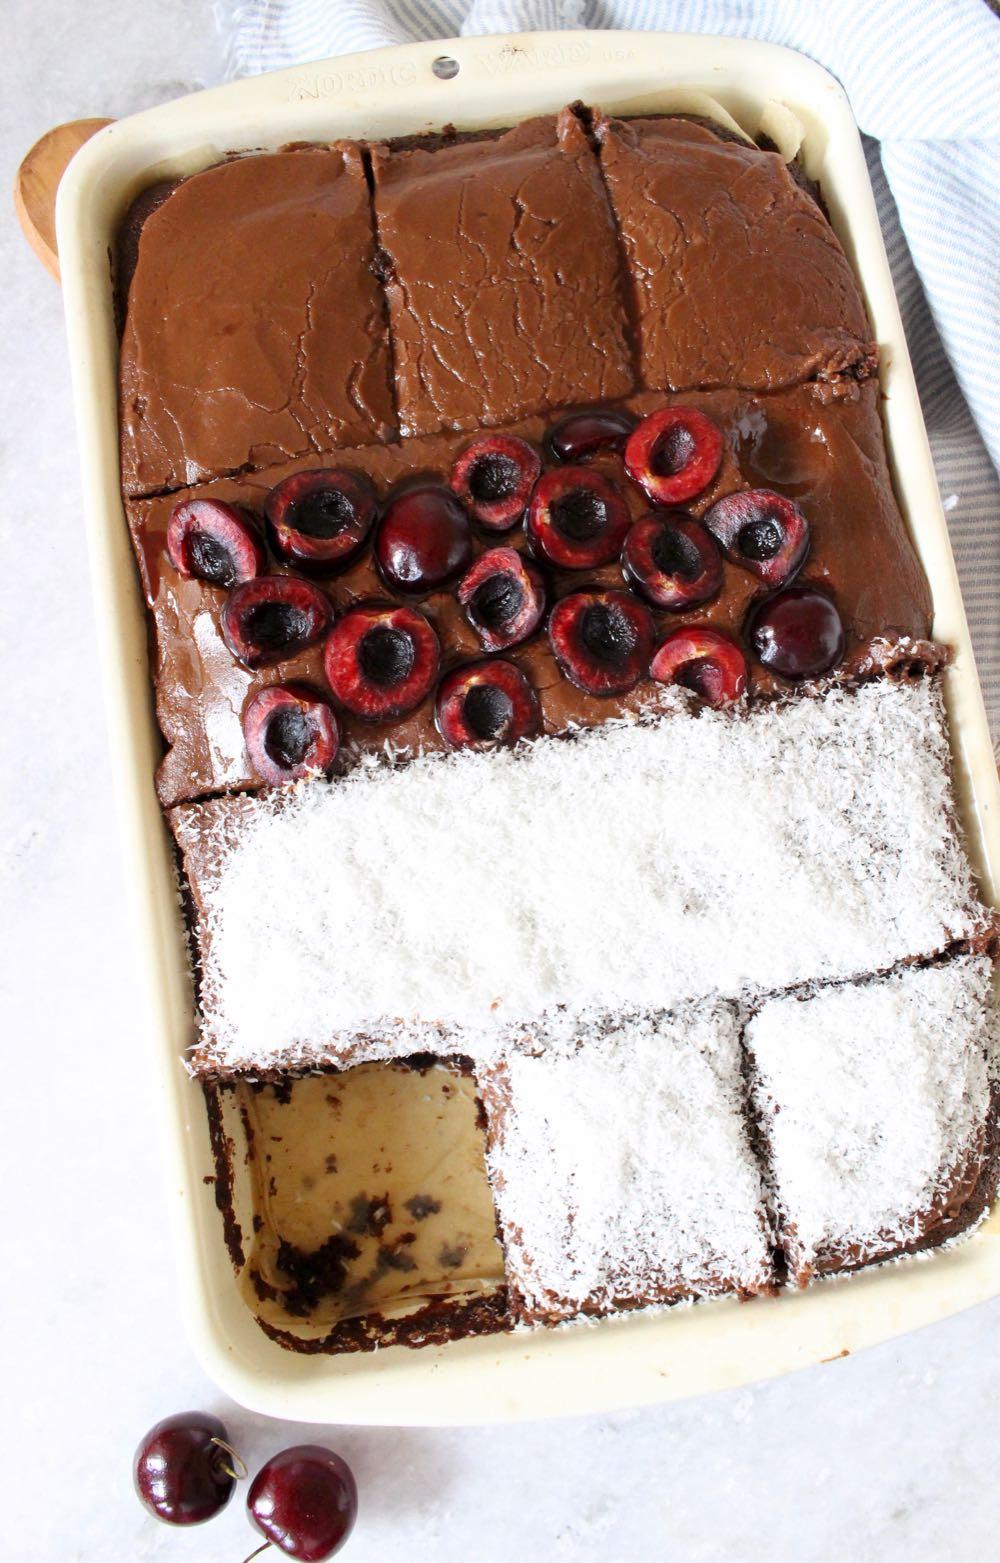 vegan chocolate sheet cake in 13x9x2 pan